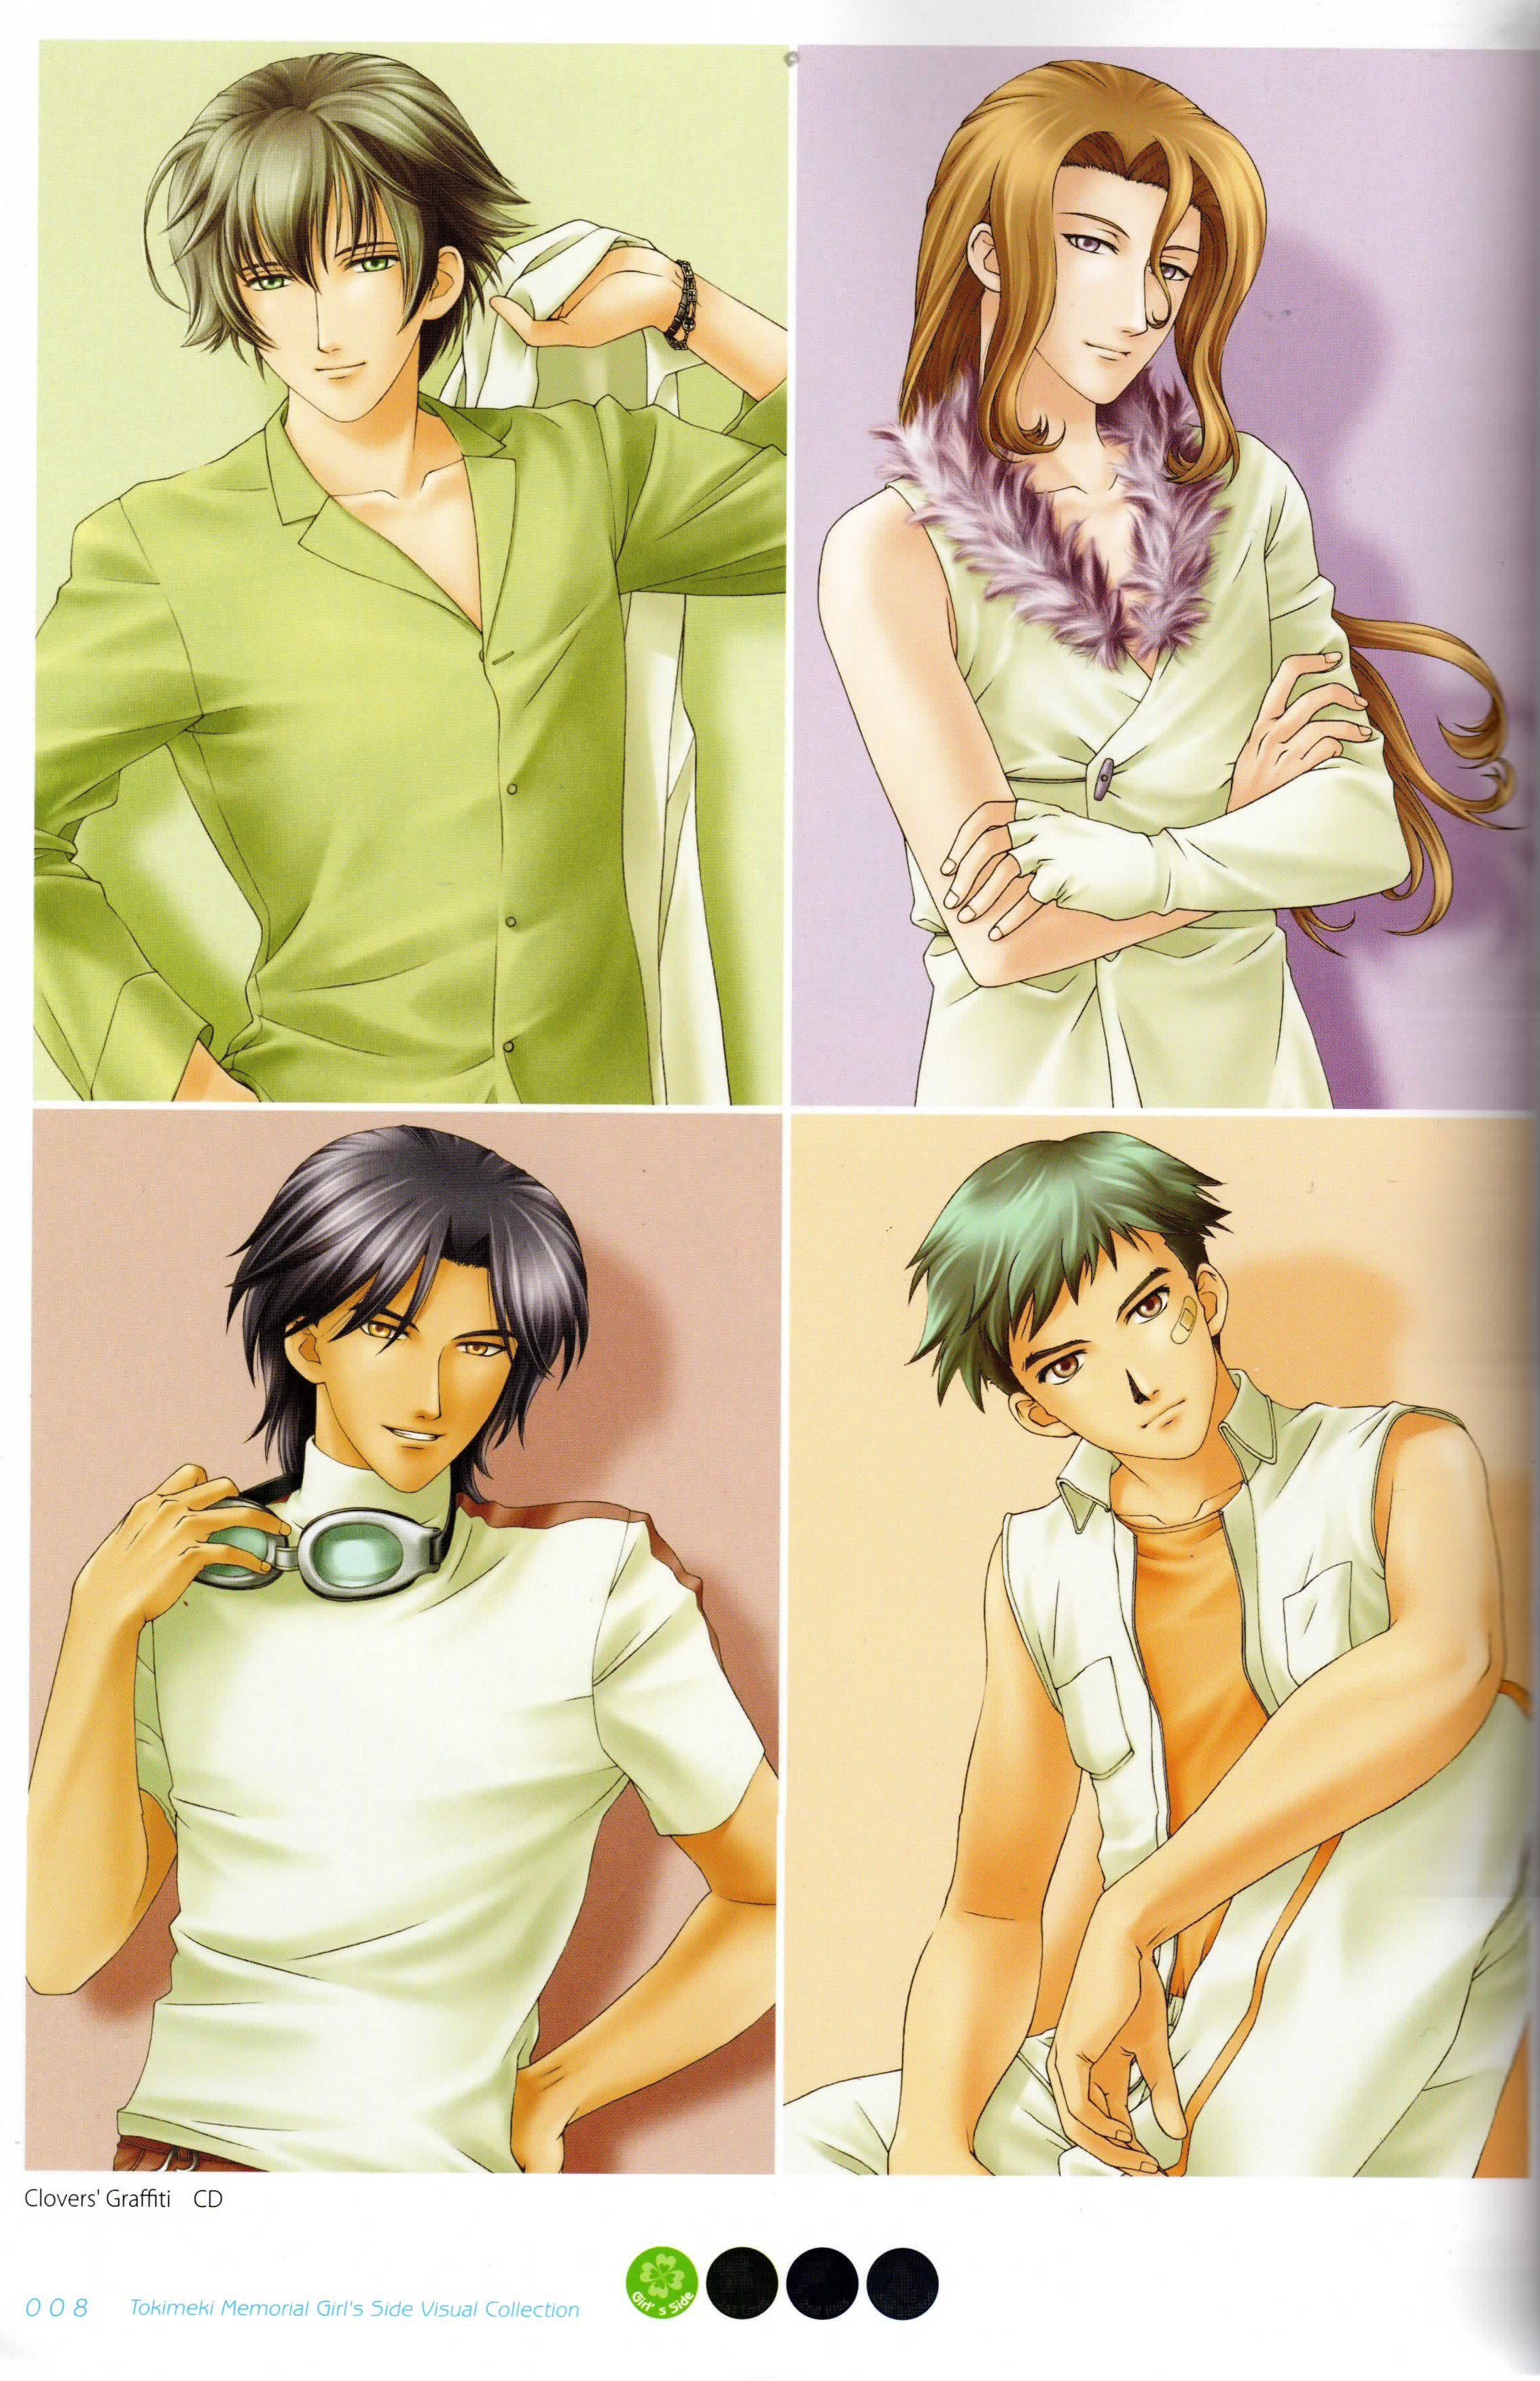 Tokimeki Memorial Girl S Side 1st Love 477101 Love Images Memories Anime Images